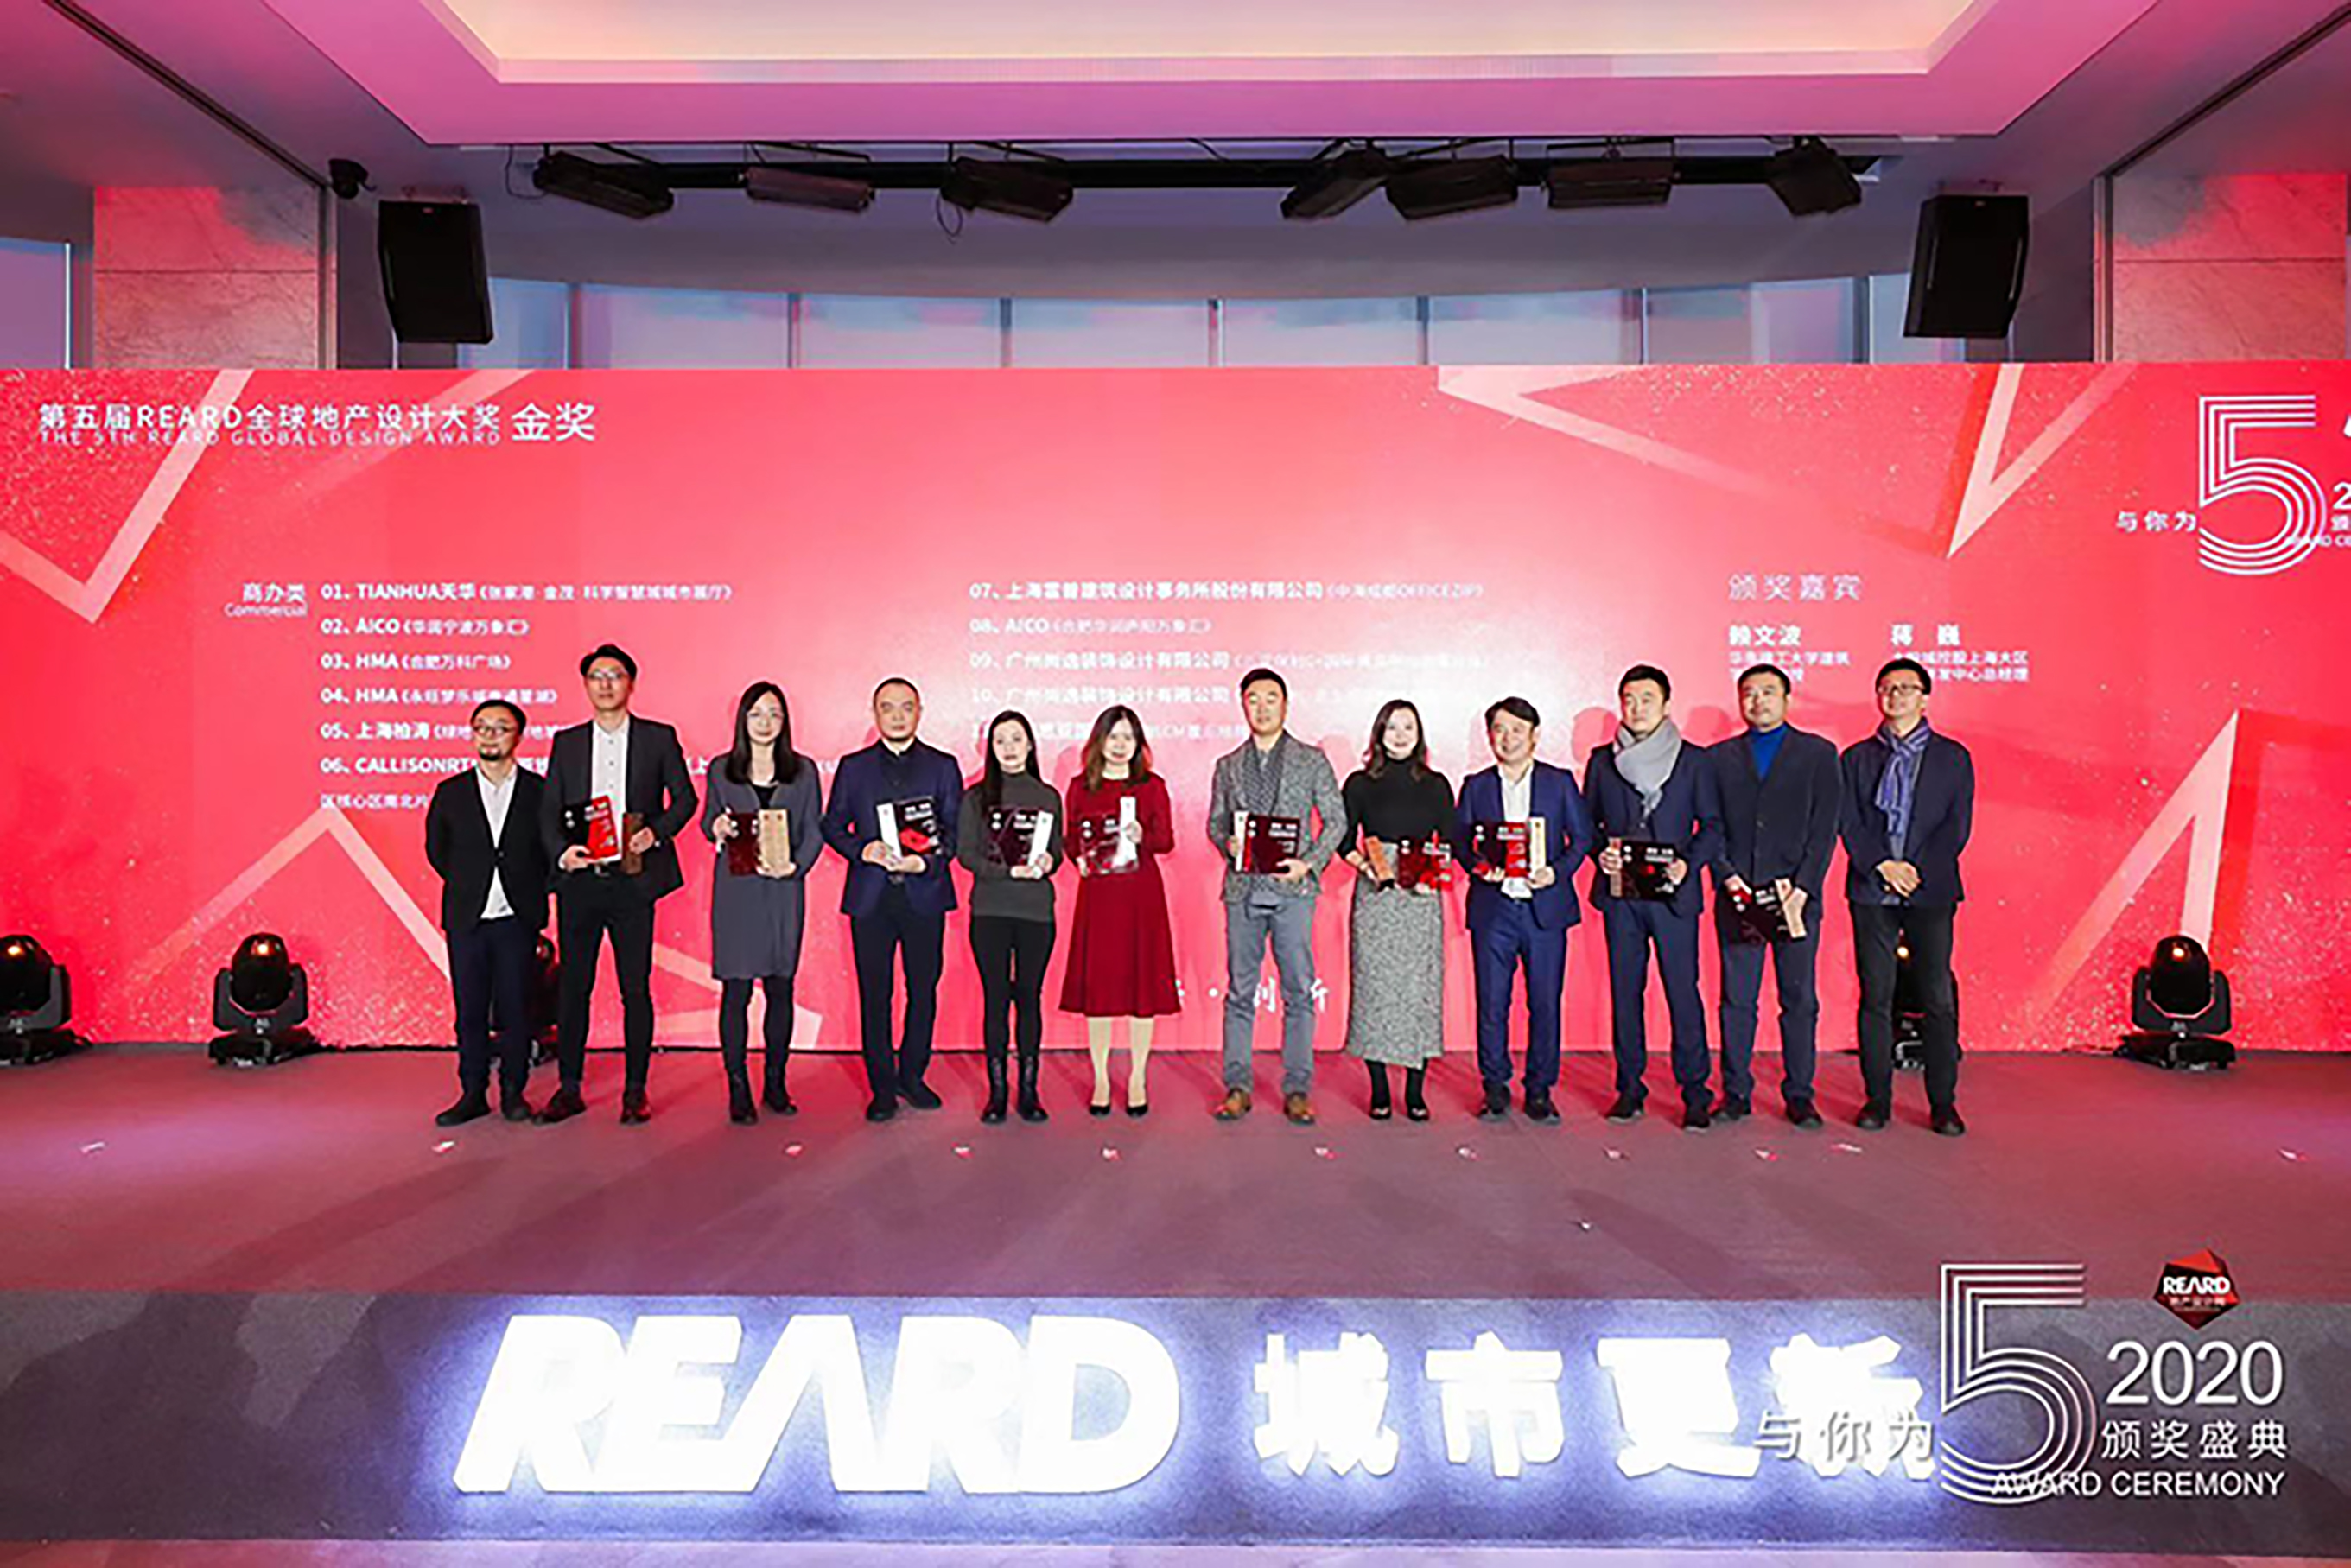 喜讯 | HMA斩获第五届RERAD全球地产设计大奖2金1银1推荐奖的佳绩!